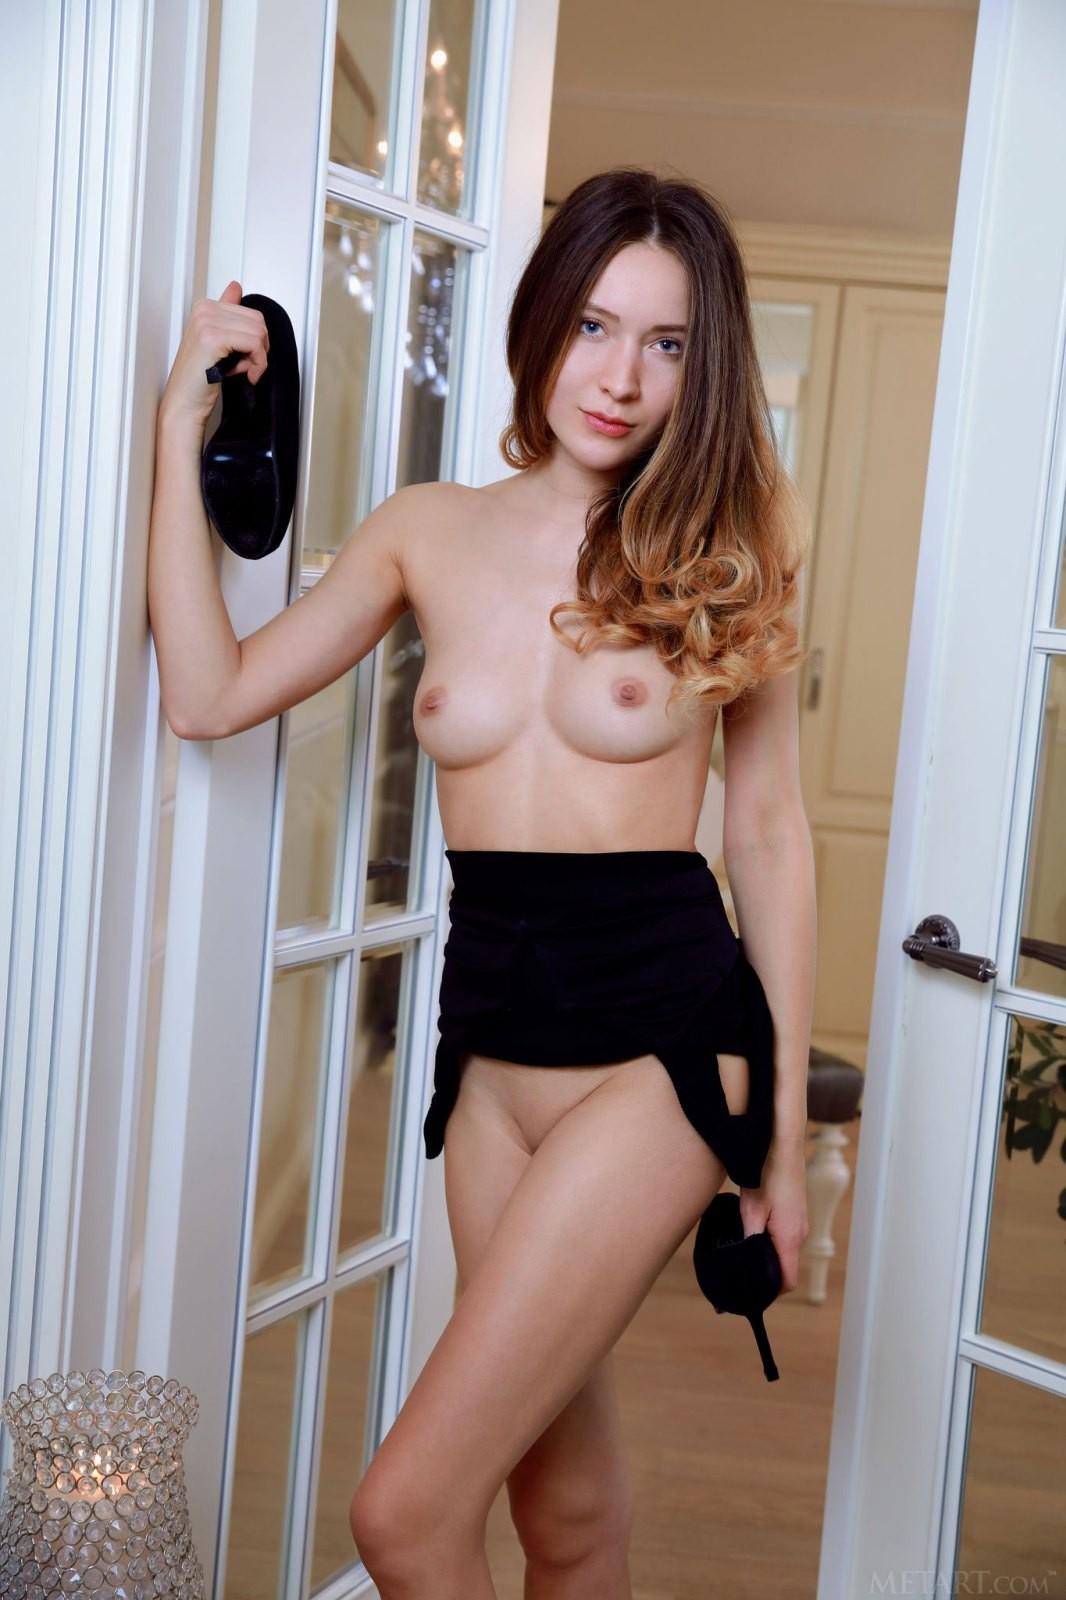 Юная обнажённая красотка со стройным телом - фото